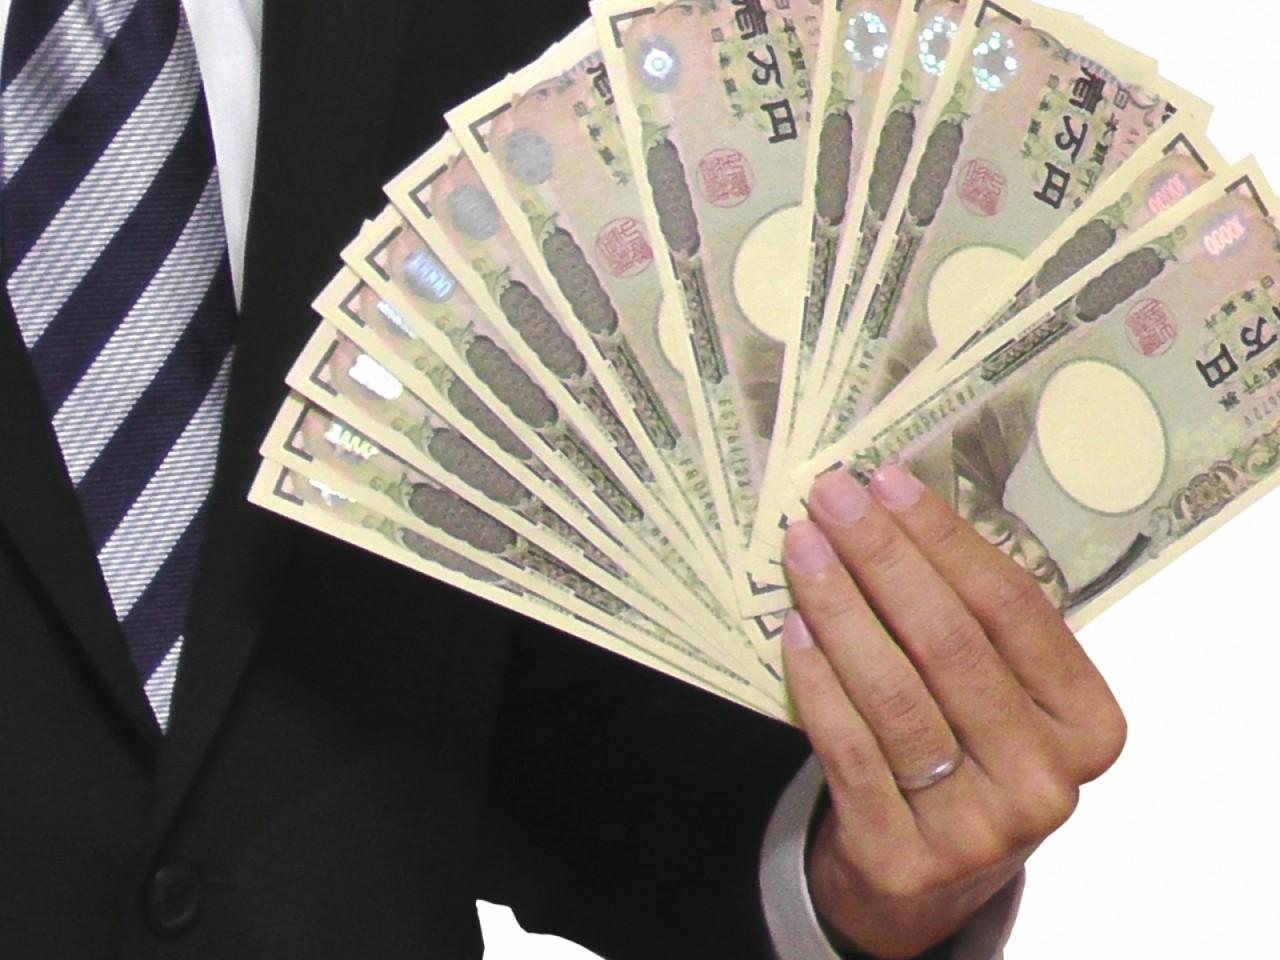 ทำงานที่ญี่ปุ่น ได้เงินเดือนเท่าไหร่!!!!